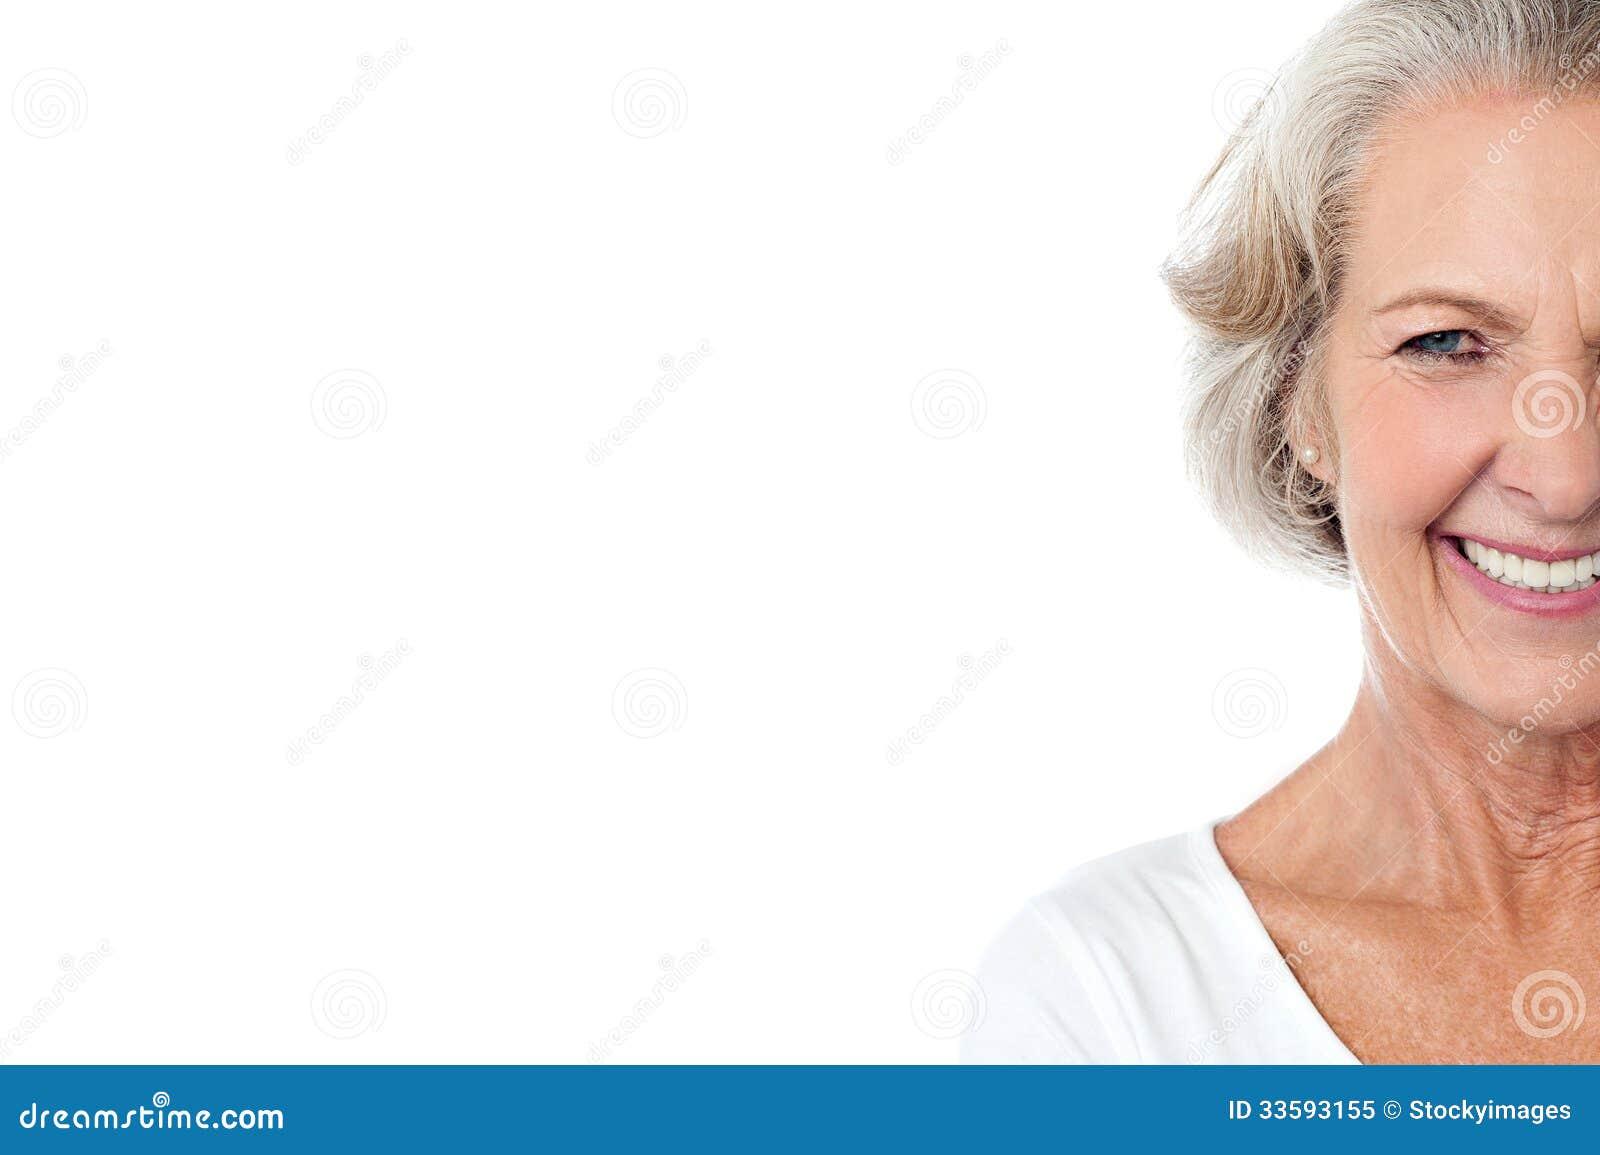 Señora envejecida alegre sonriente.